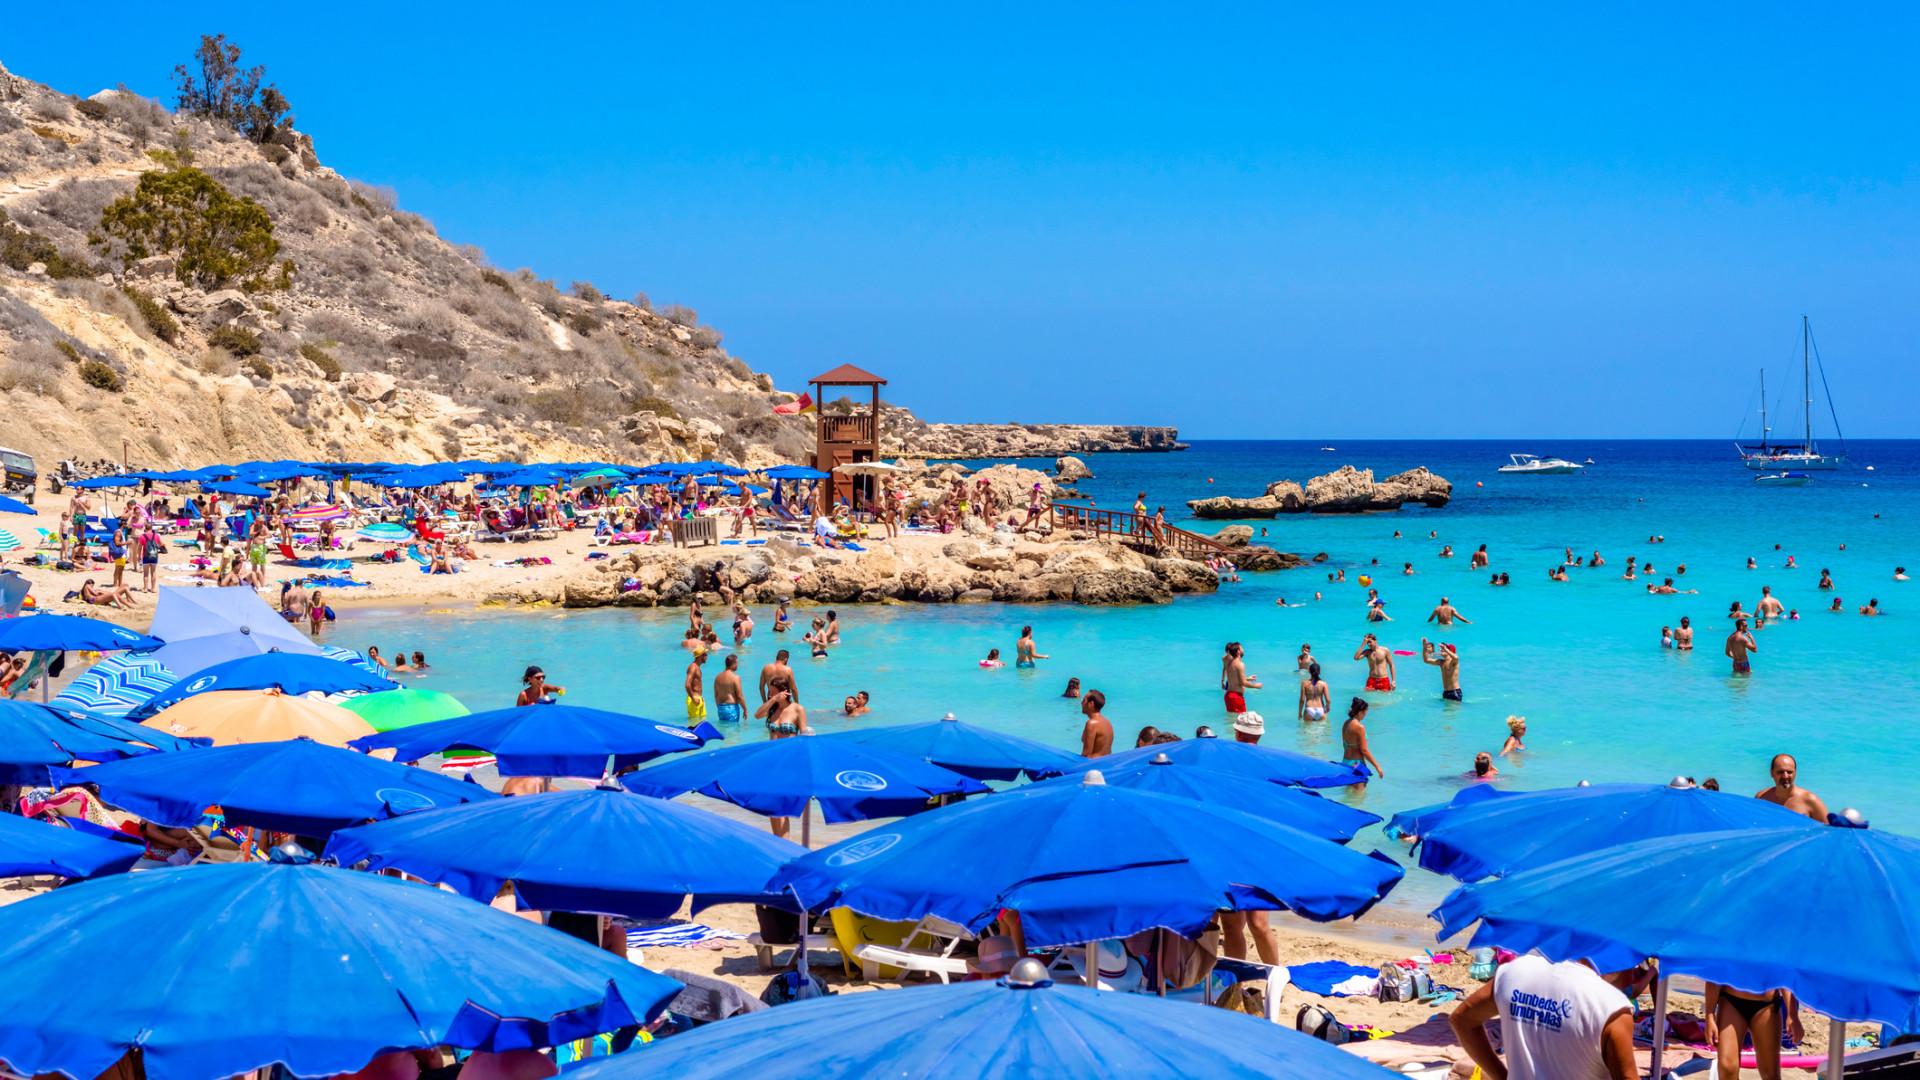 Saiba quais são as 60 praias europeias mais populares no Instagram